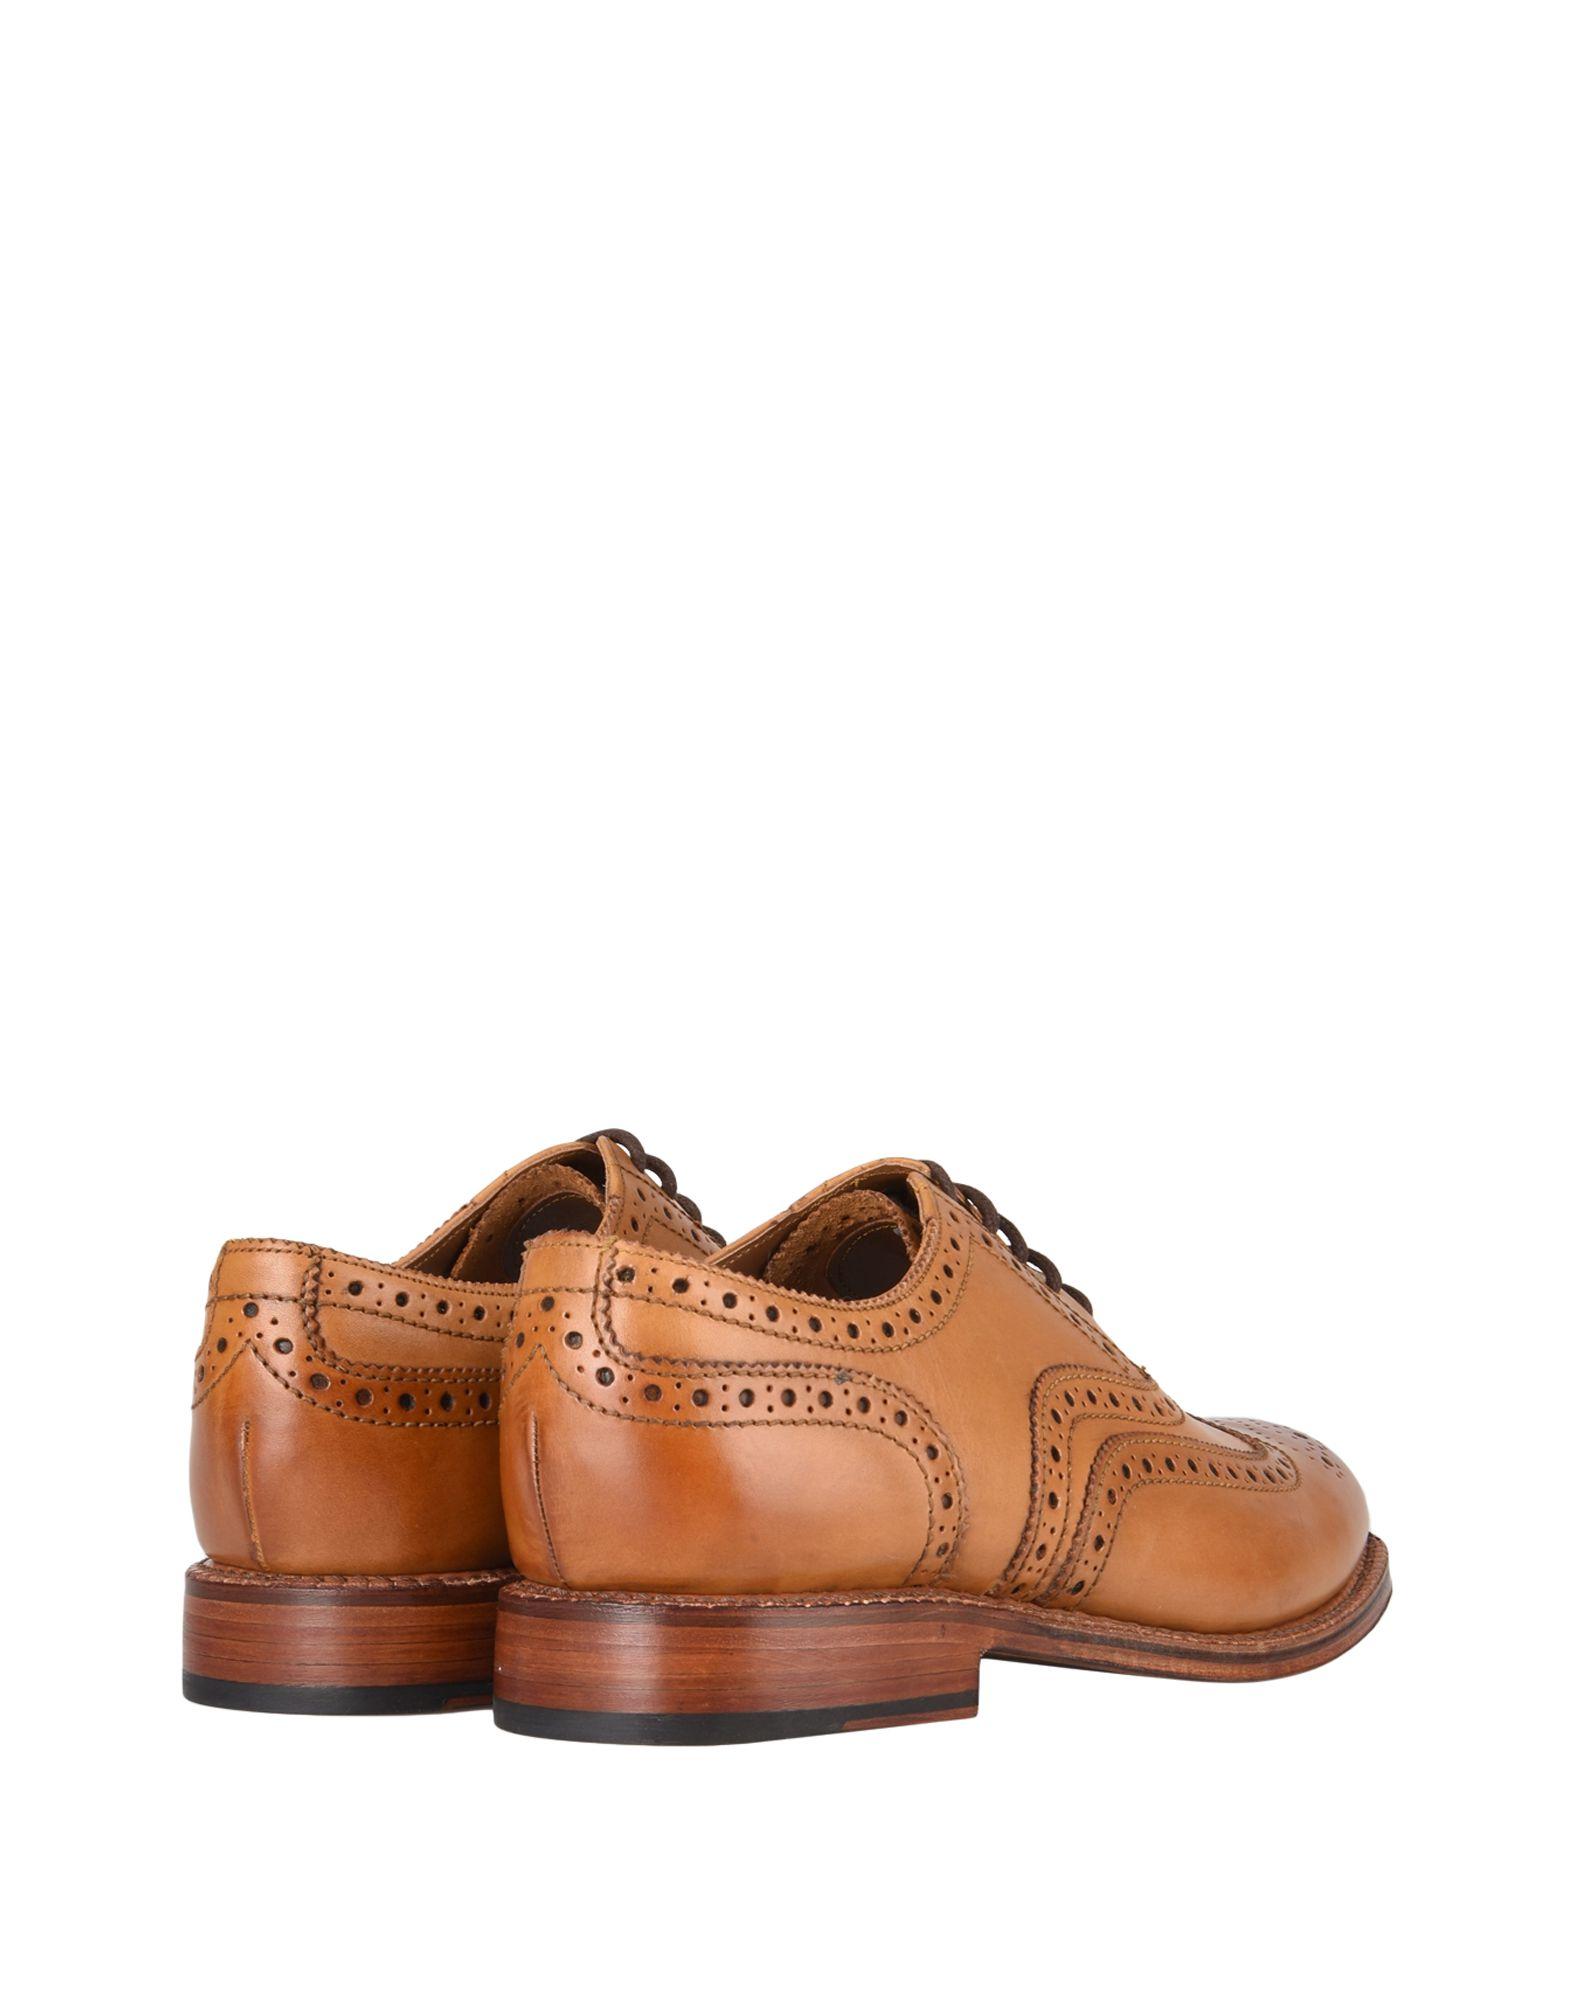 Grenson Schnürschuhe Schnürschuhe Grenson Herren  11178514UV Gute Qualität beliebte Schuhe 8fddee